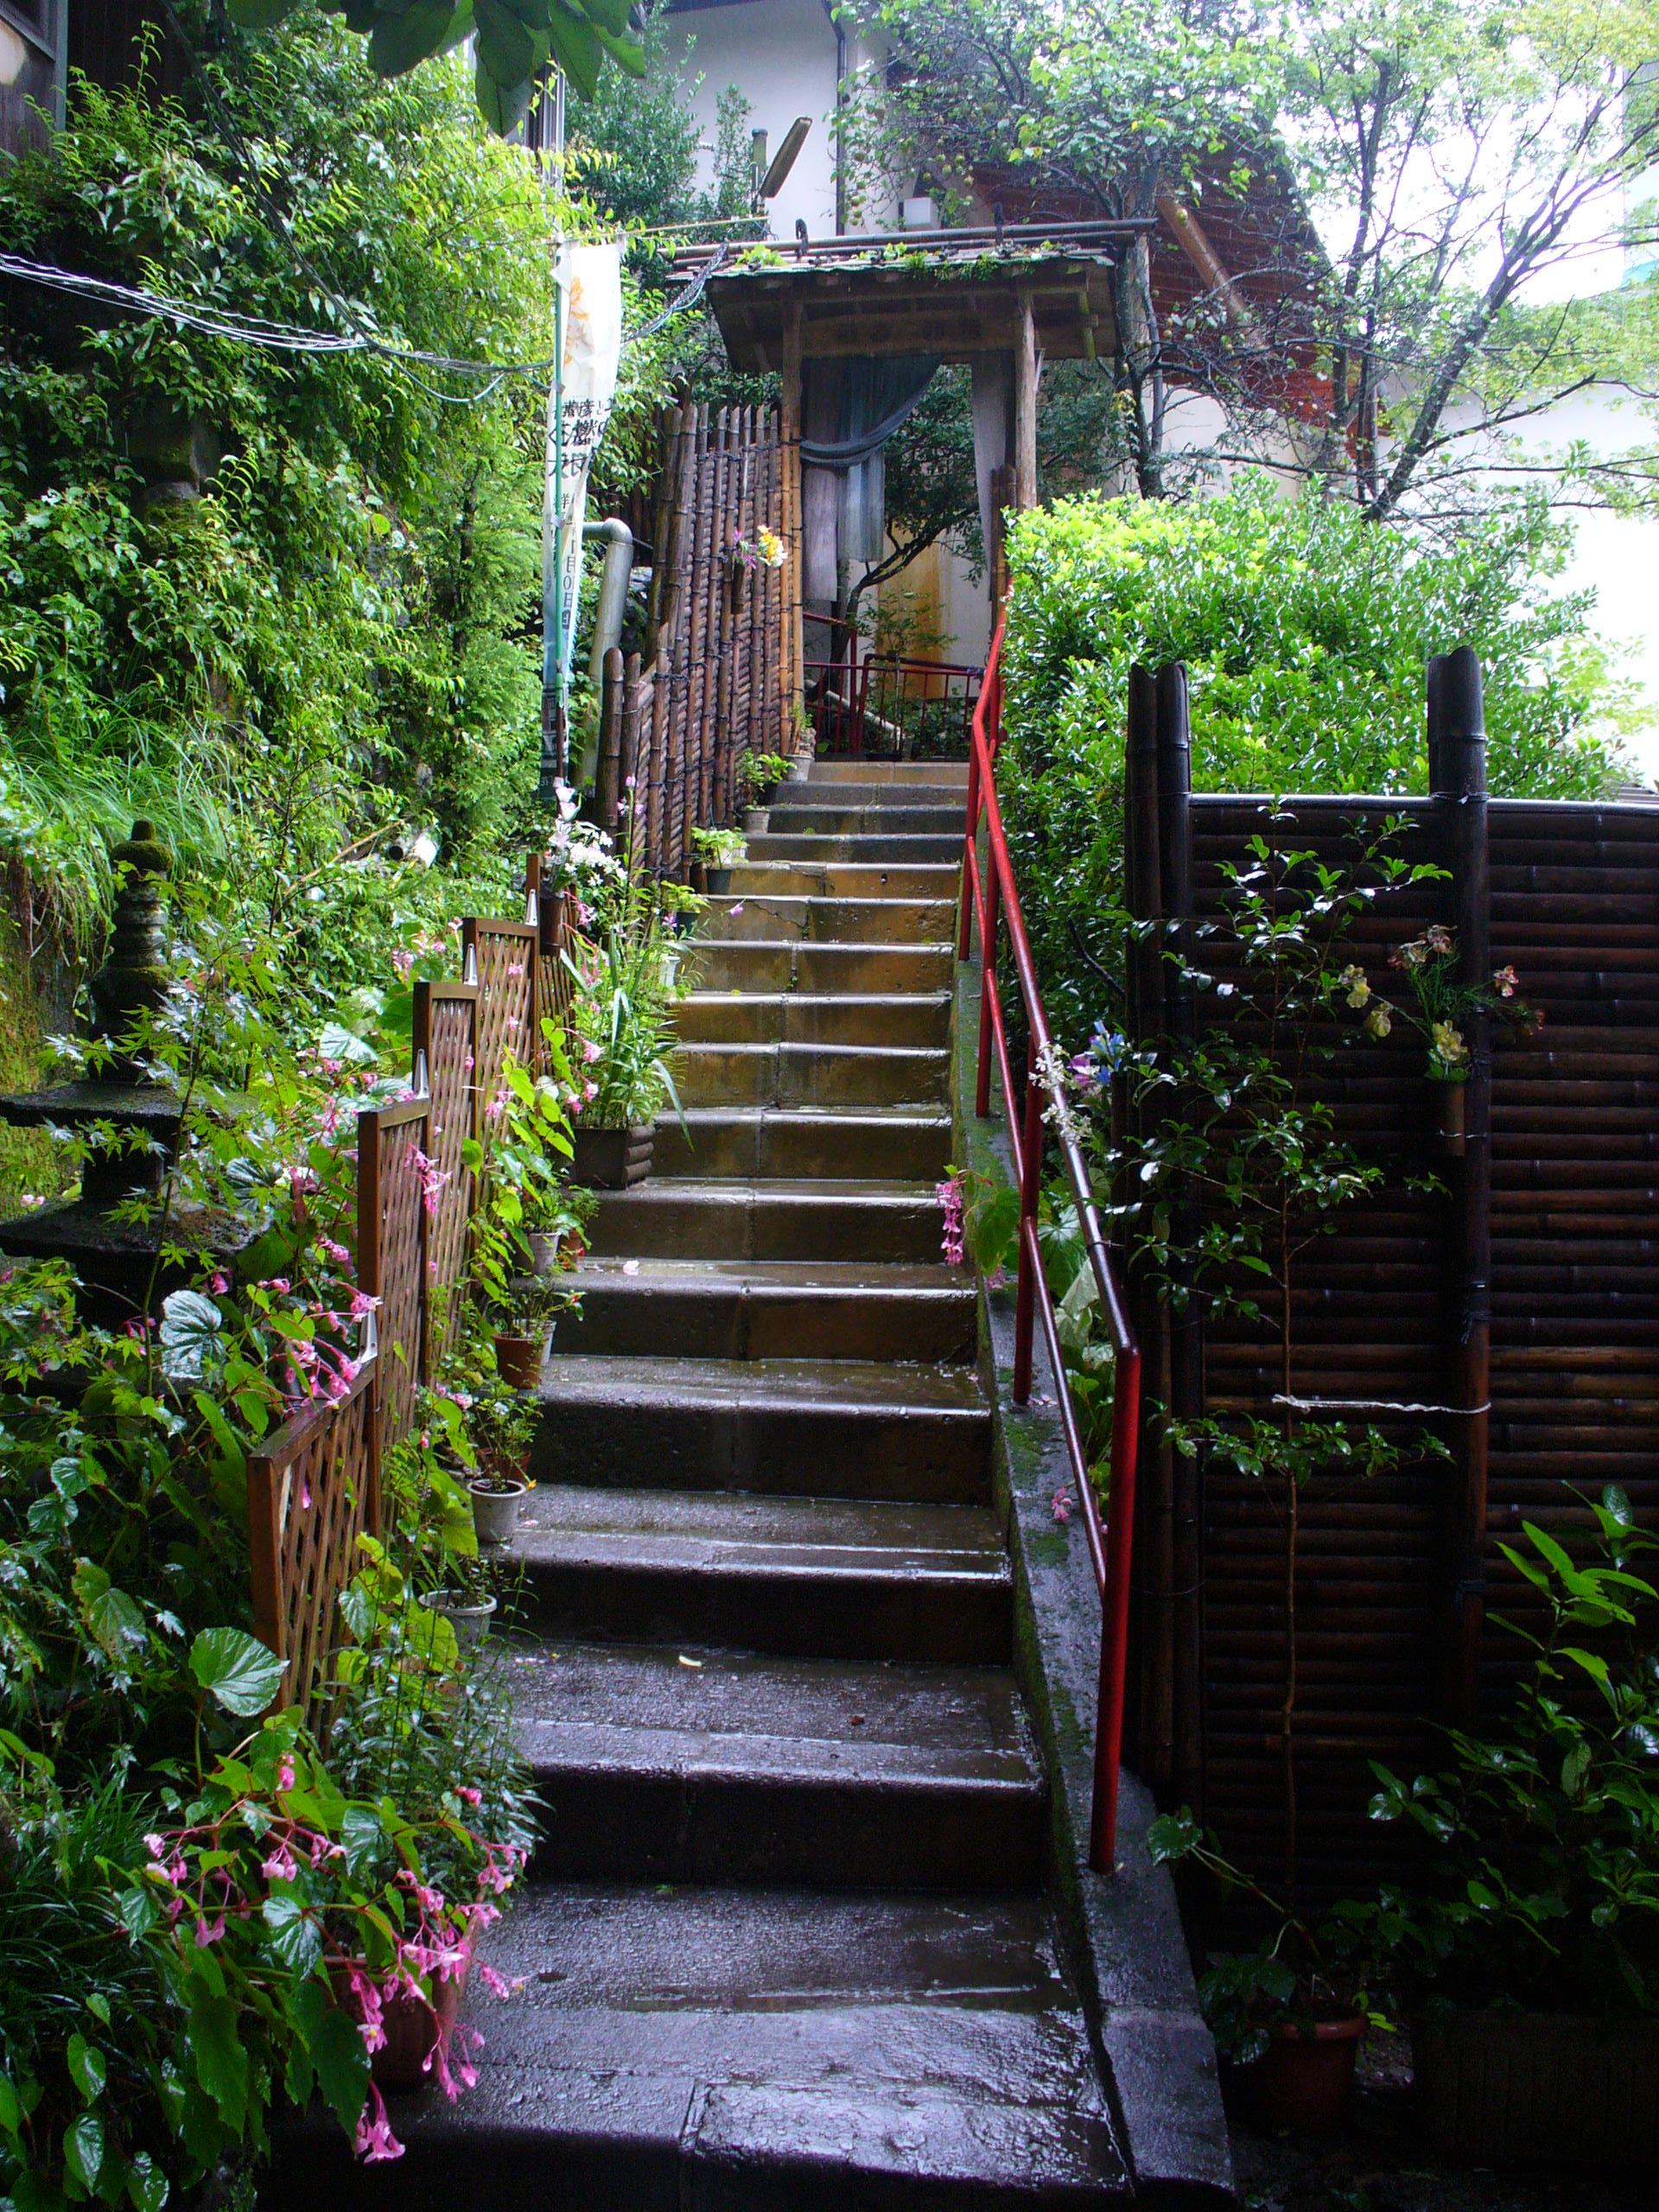 湯之沢館に続く階段。この前に、さらに階段があります。